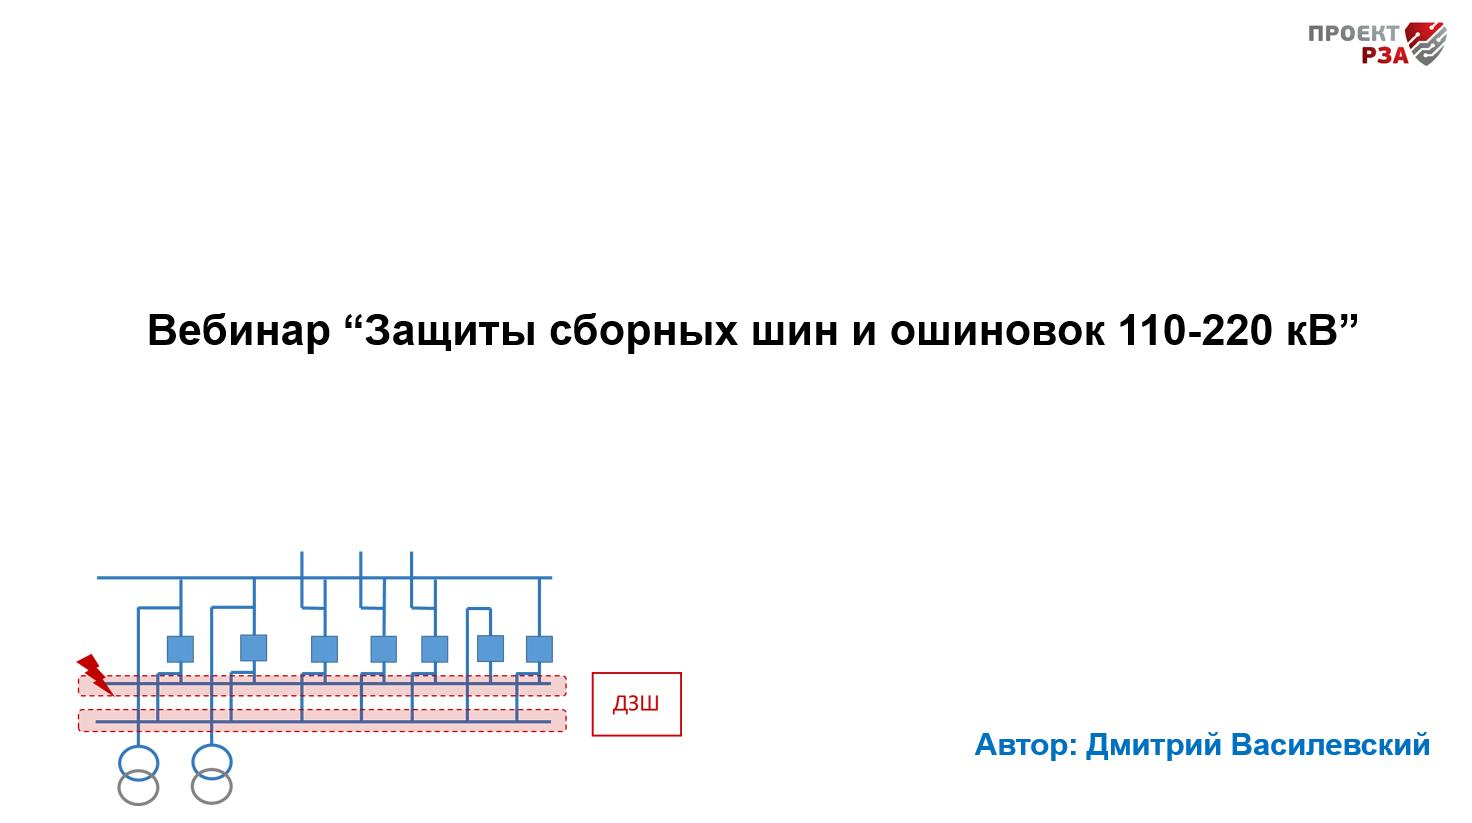 """Вебинар """"Защиты сборных шин и ошиновок 110-220 кВ"""""""